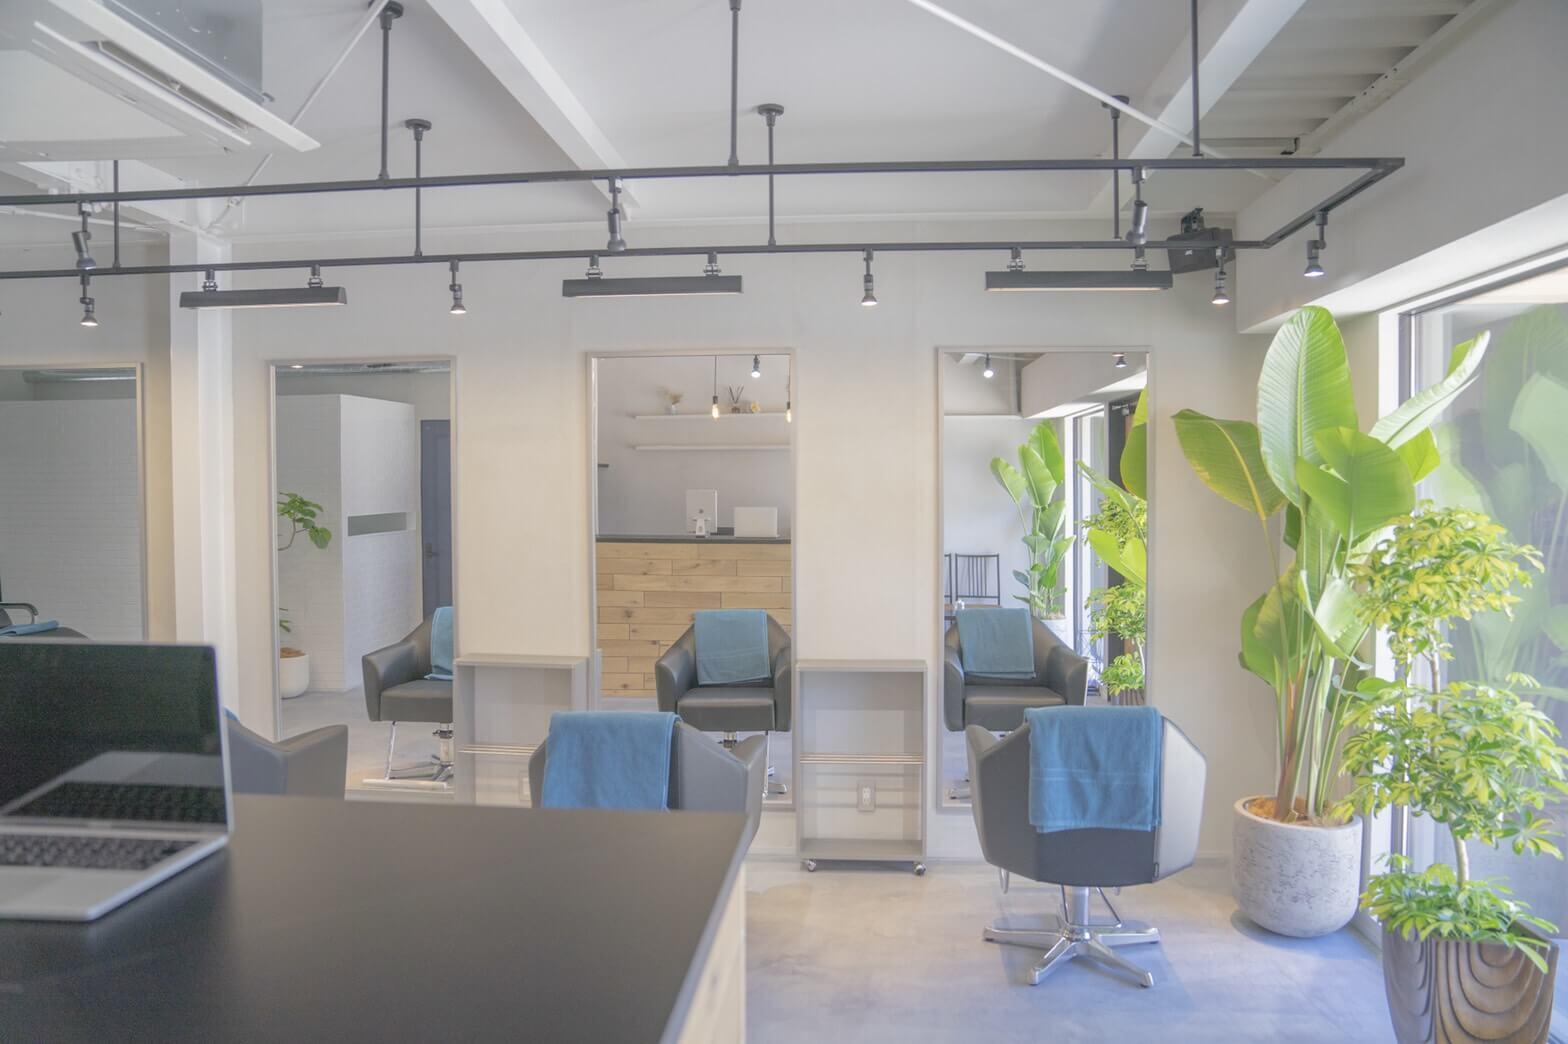 IMG_0205 サロンの店舗デザインで悩んでいる方必見!内装のアイデアの幅出しをお手伝いします!